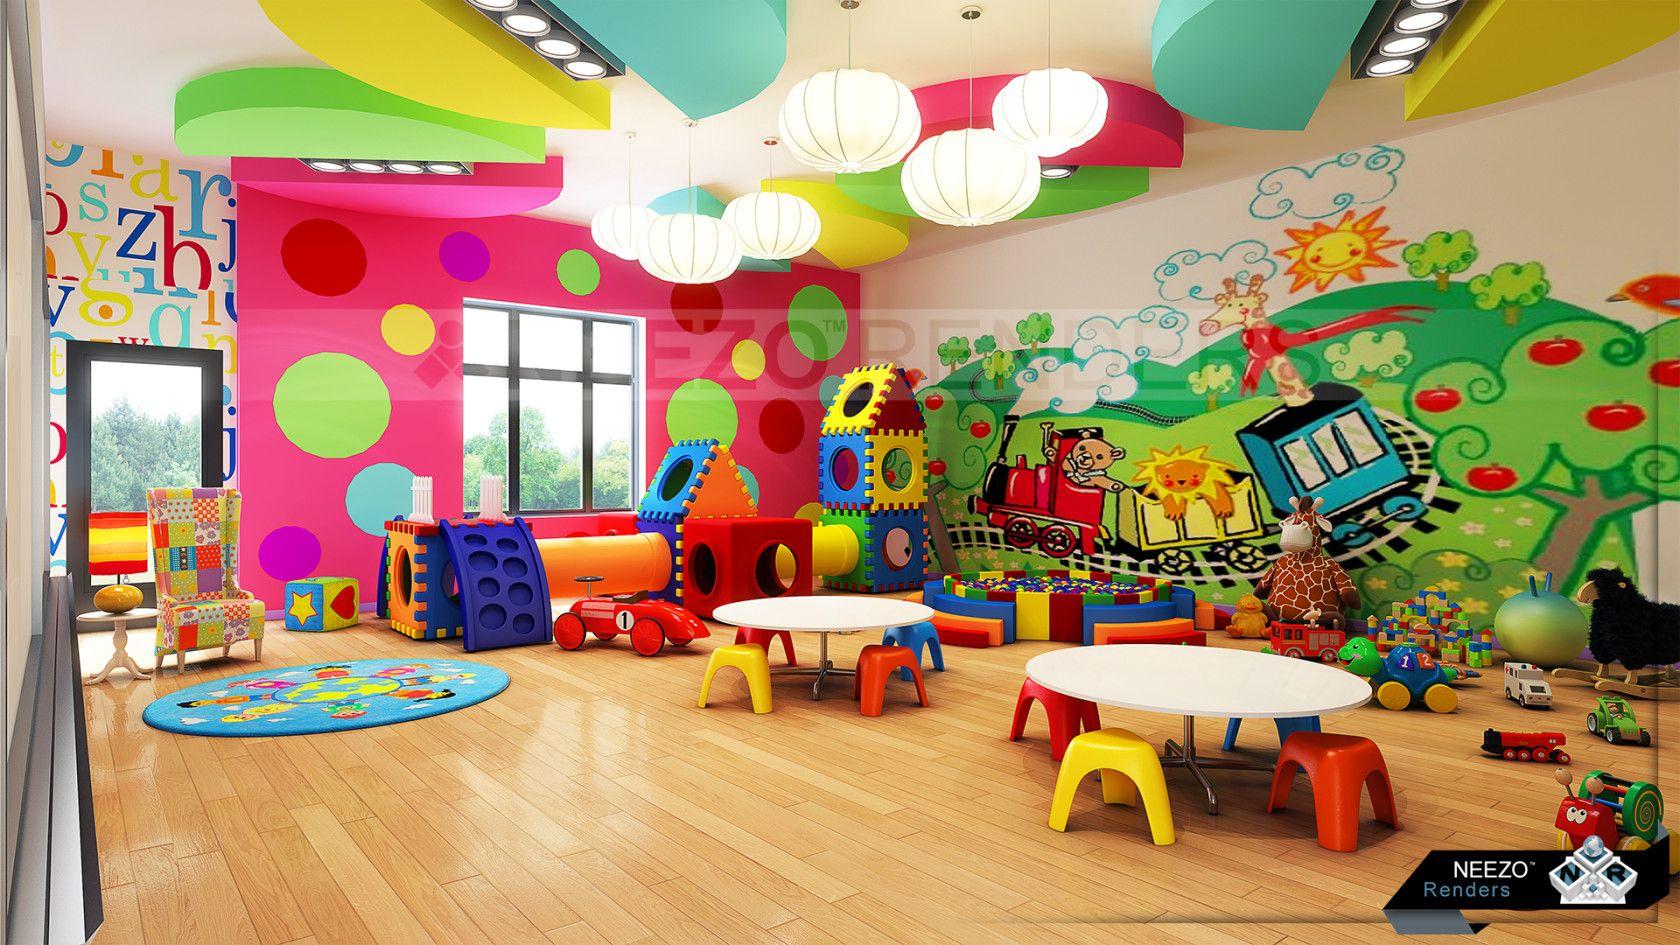 Картинка игровой центр в детском саду идеальное оформление